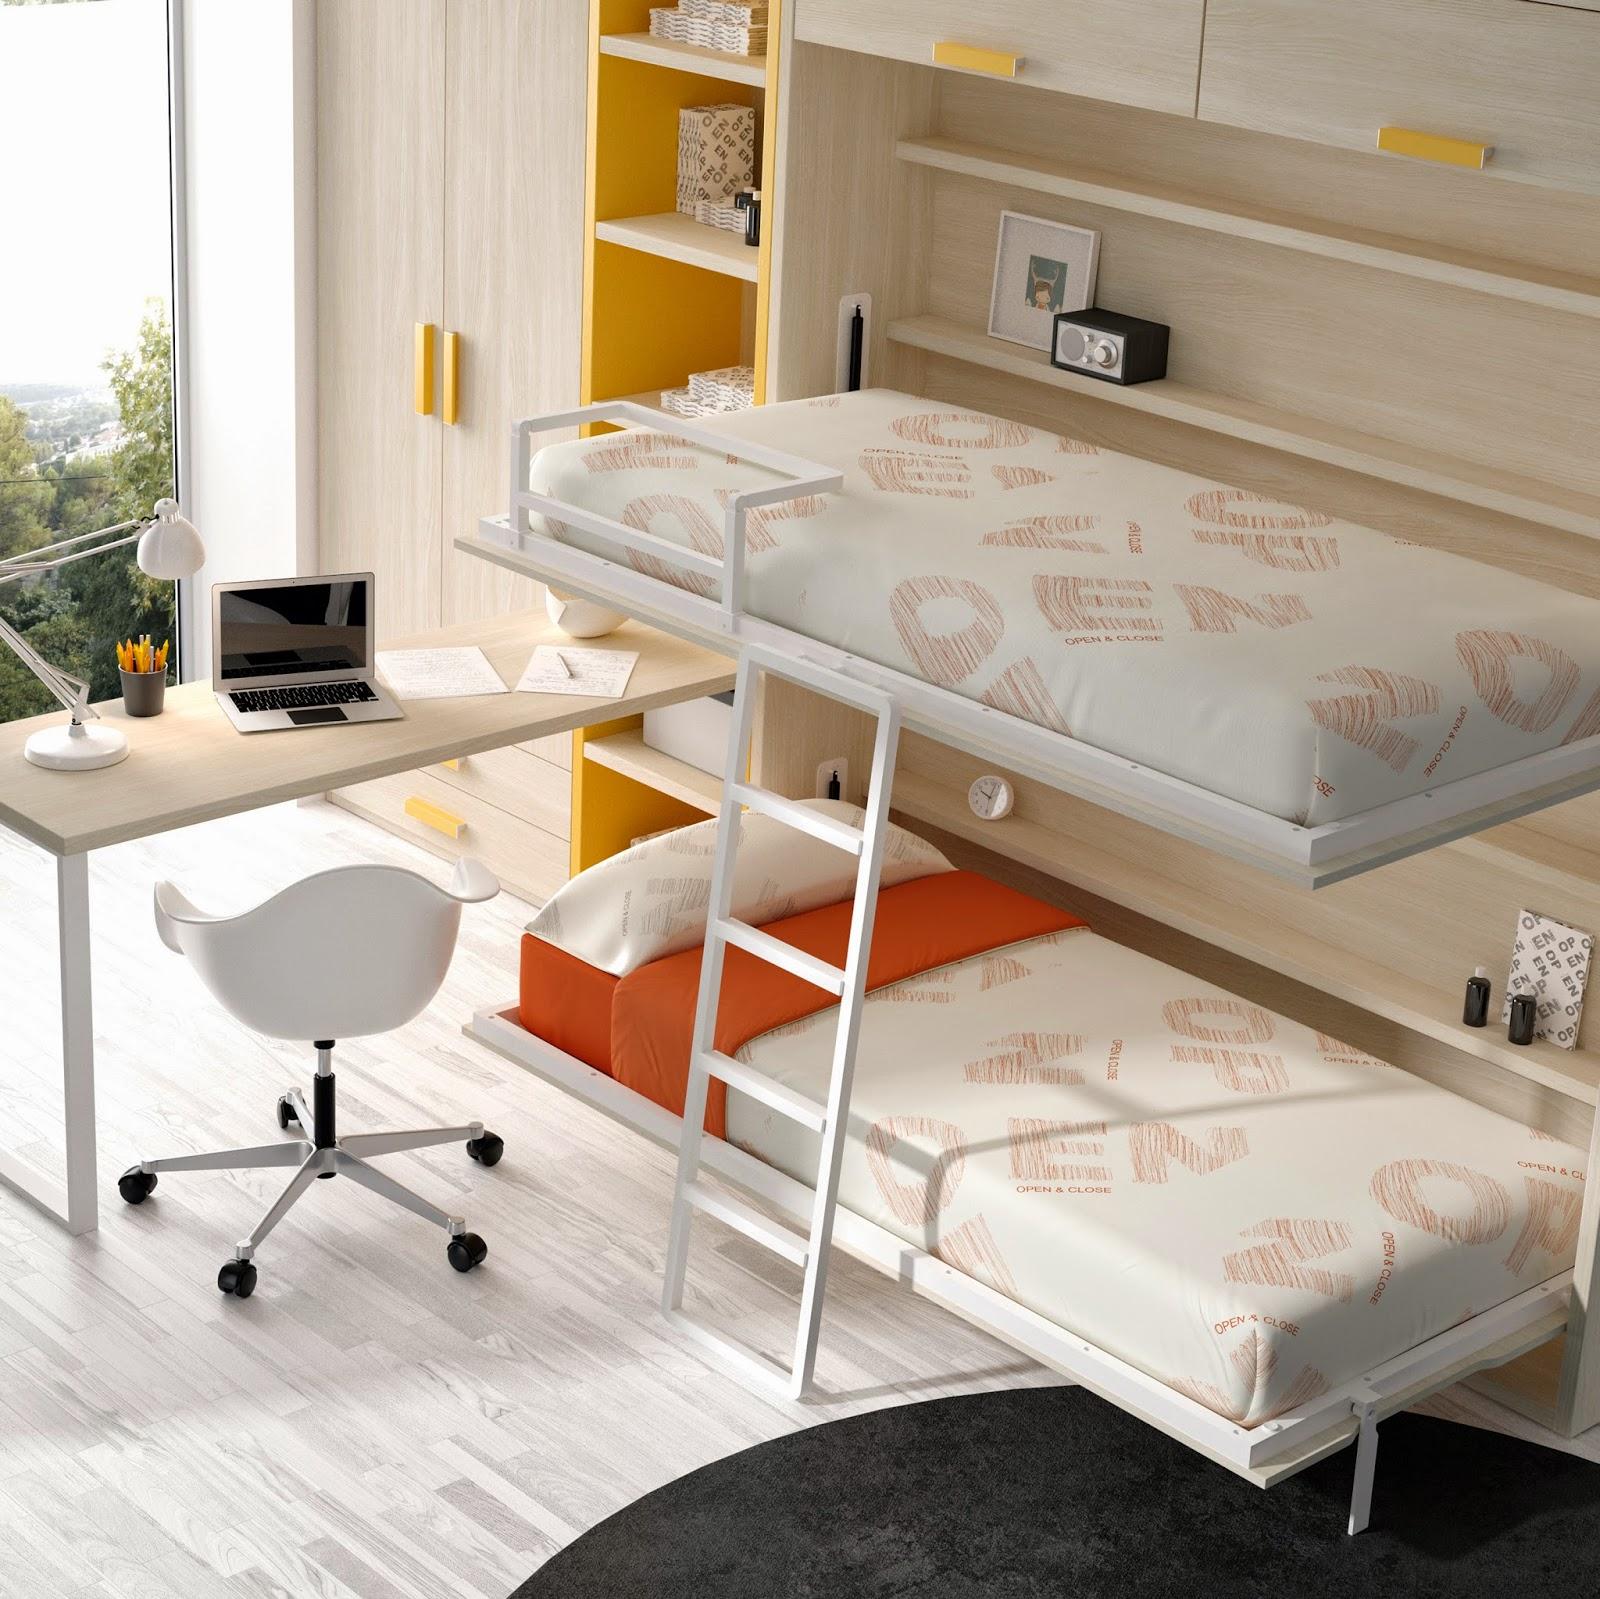 Nuevas camas abatibles de muebles ros - Camas muebles abatibles ...